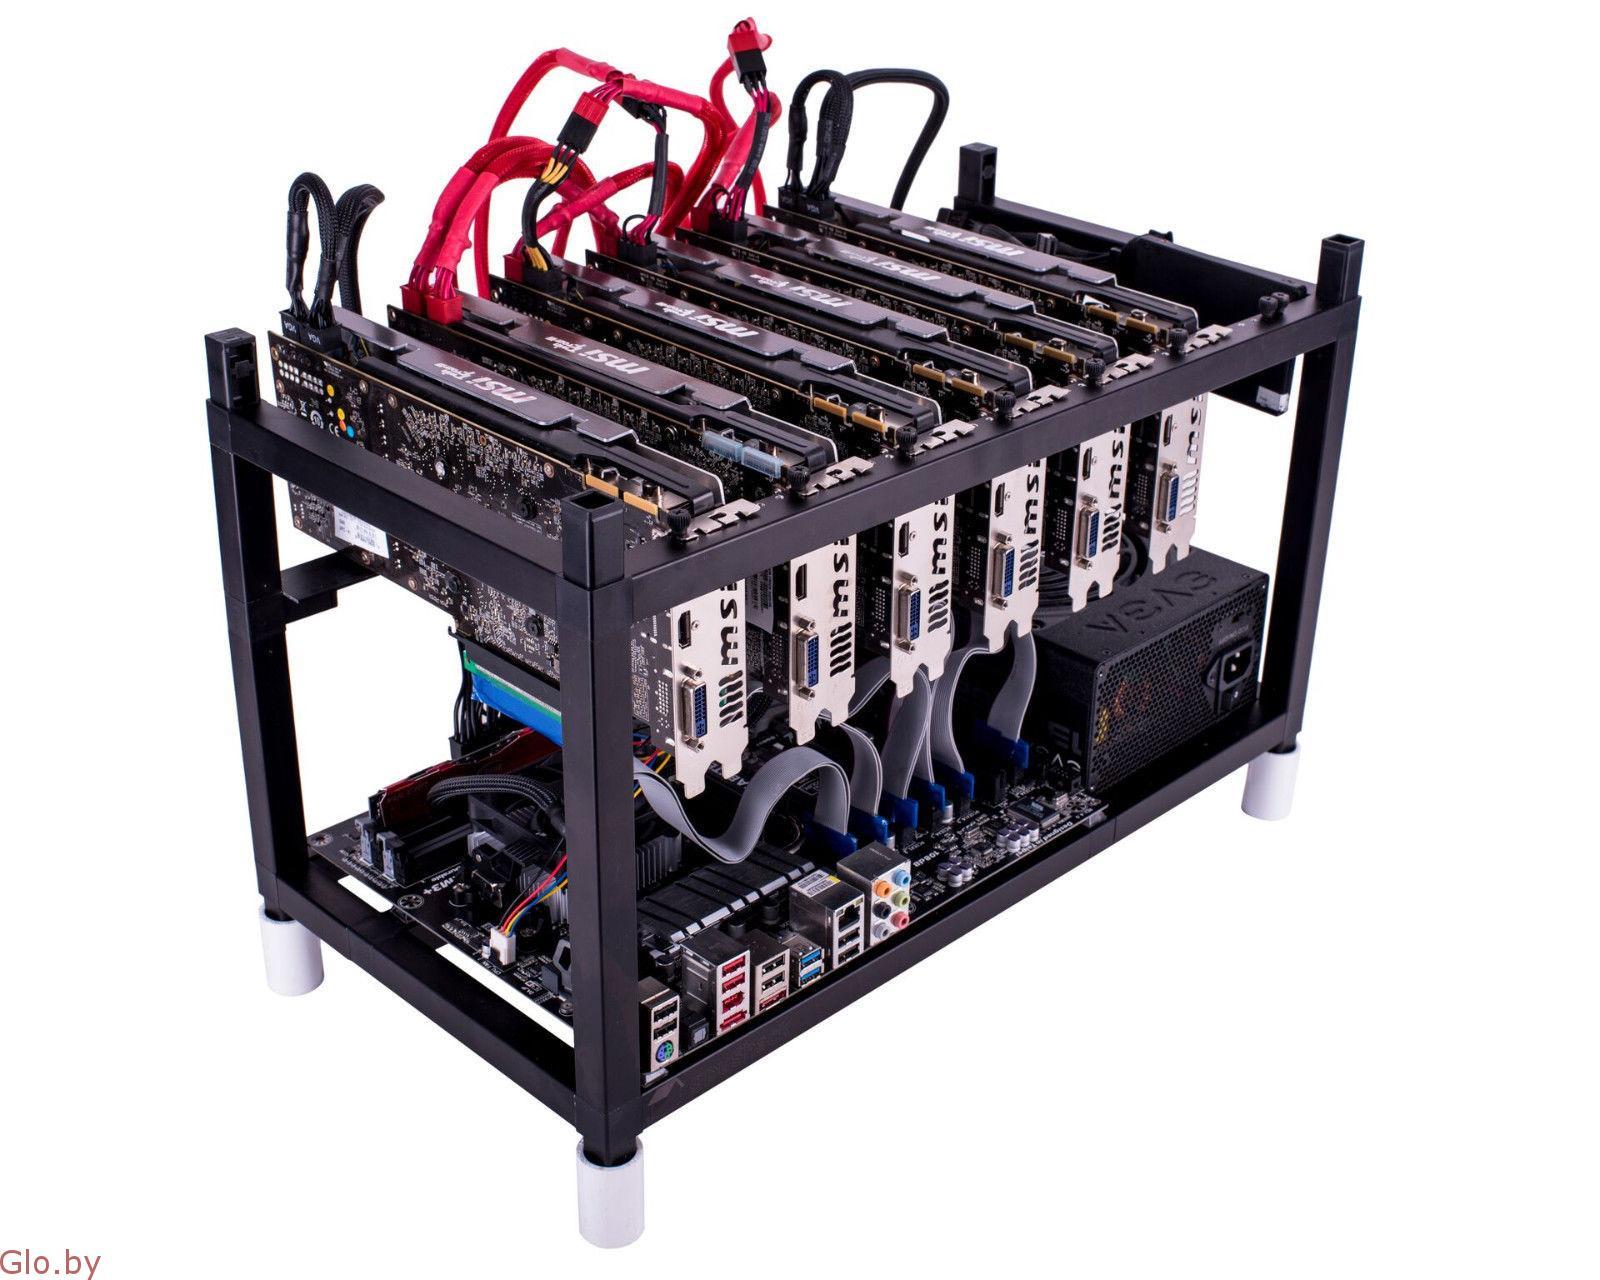 Новая майнинг-ферма на 6 картах RADEON RX570/8GB